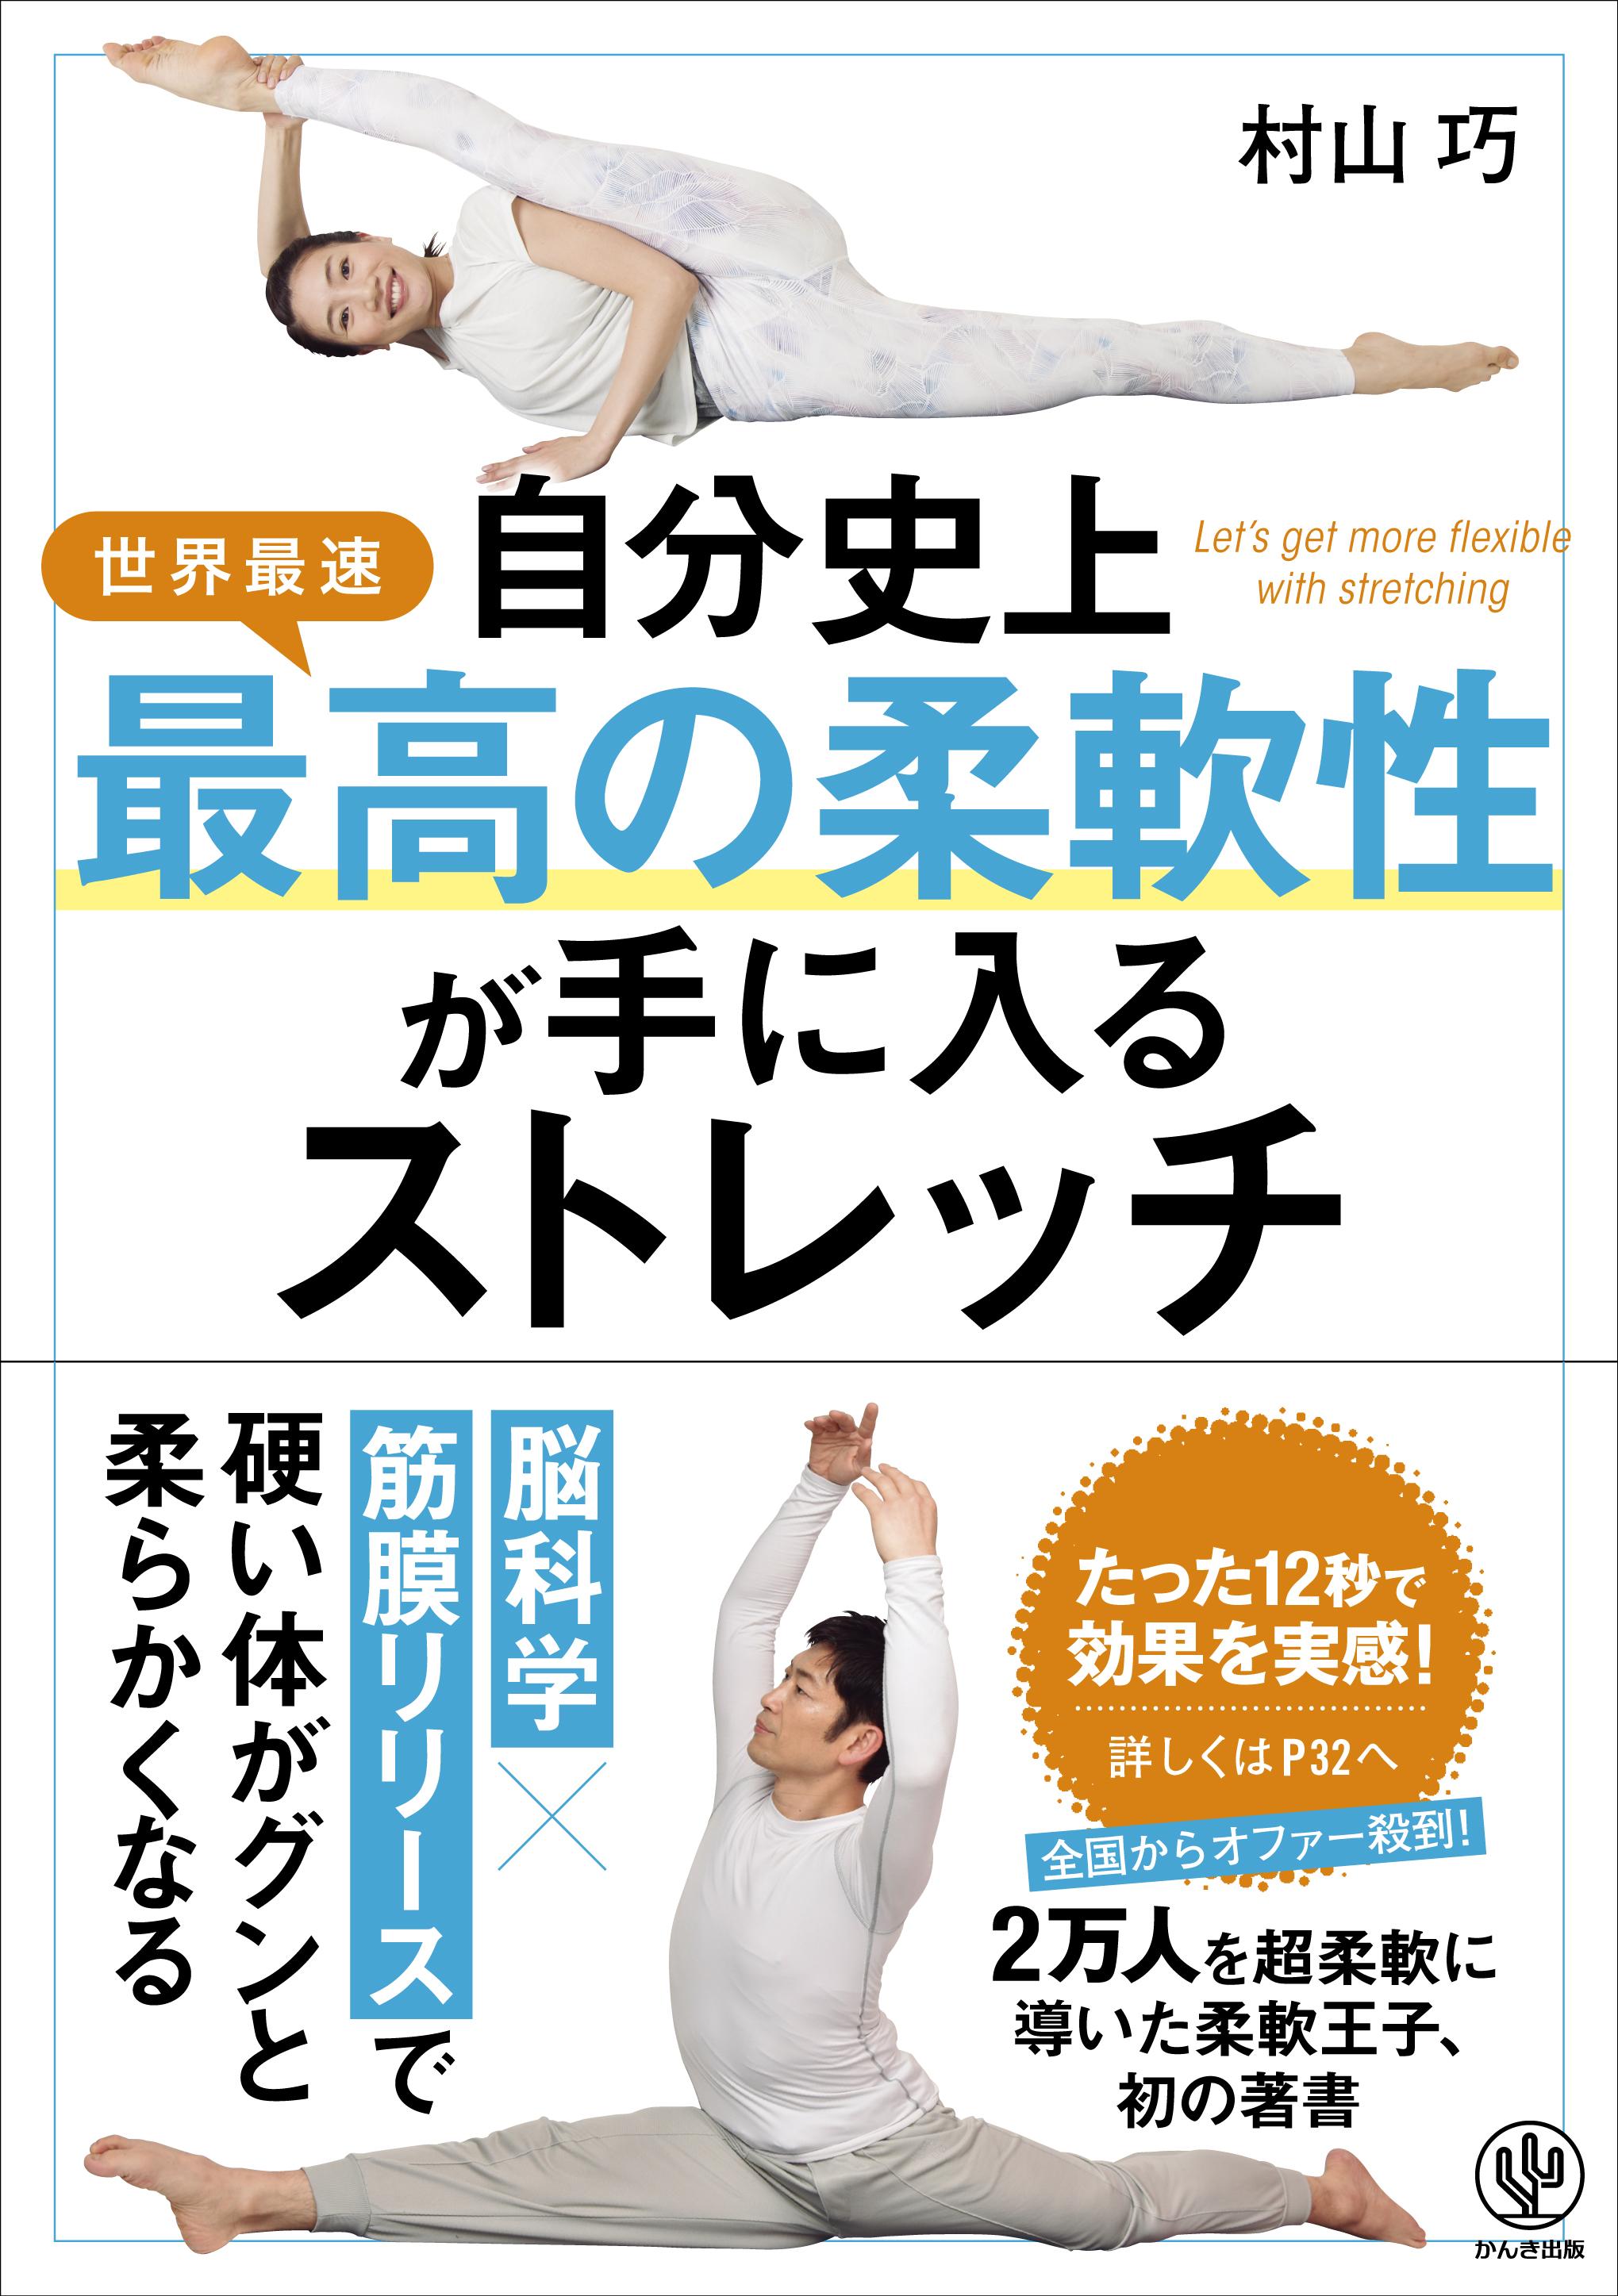 自分史上最高の柔軟性が手に入るストレッチ / 2